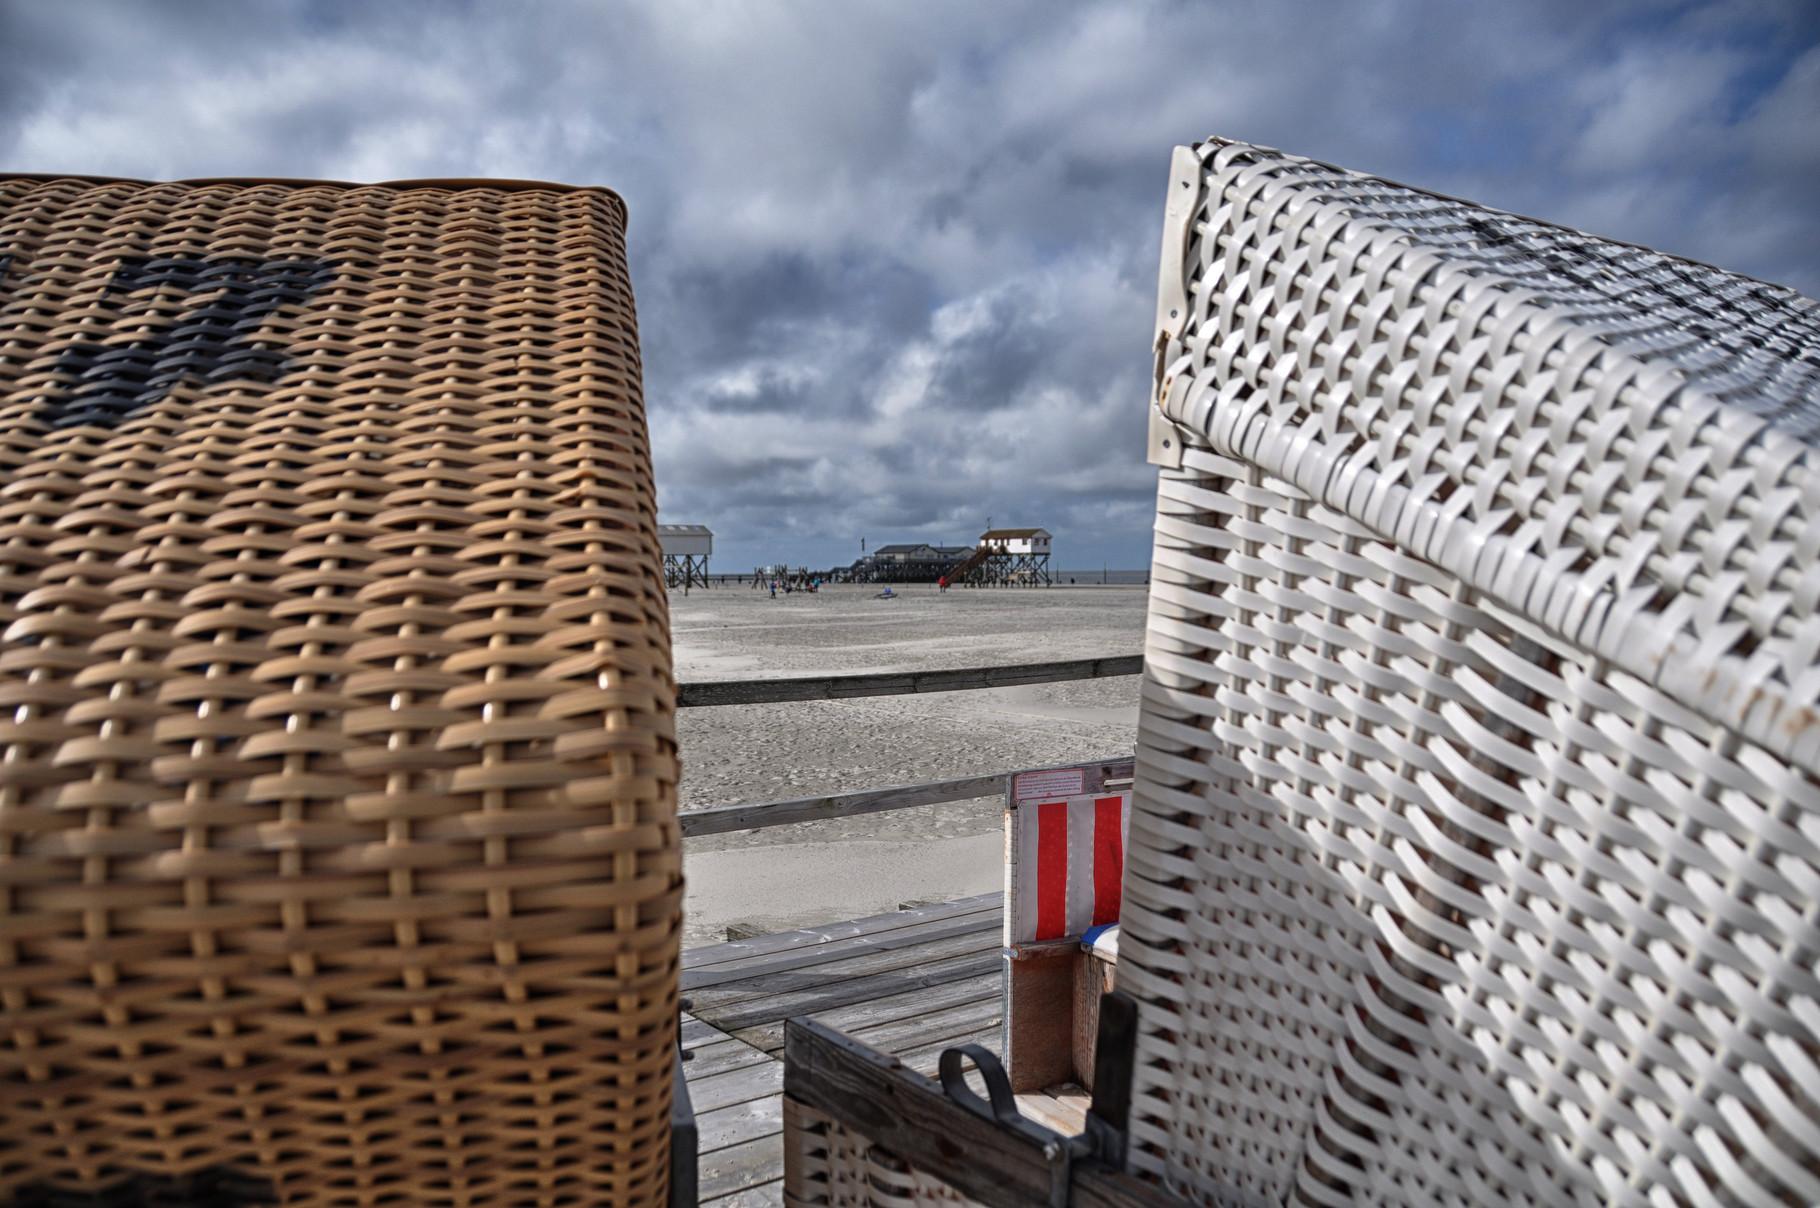 Im Strandkorb ist es kuschelig :-)